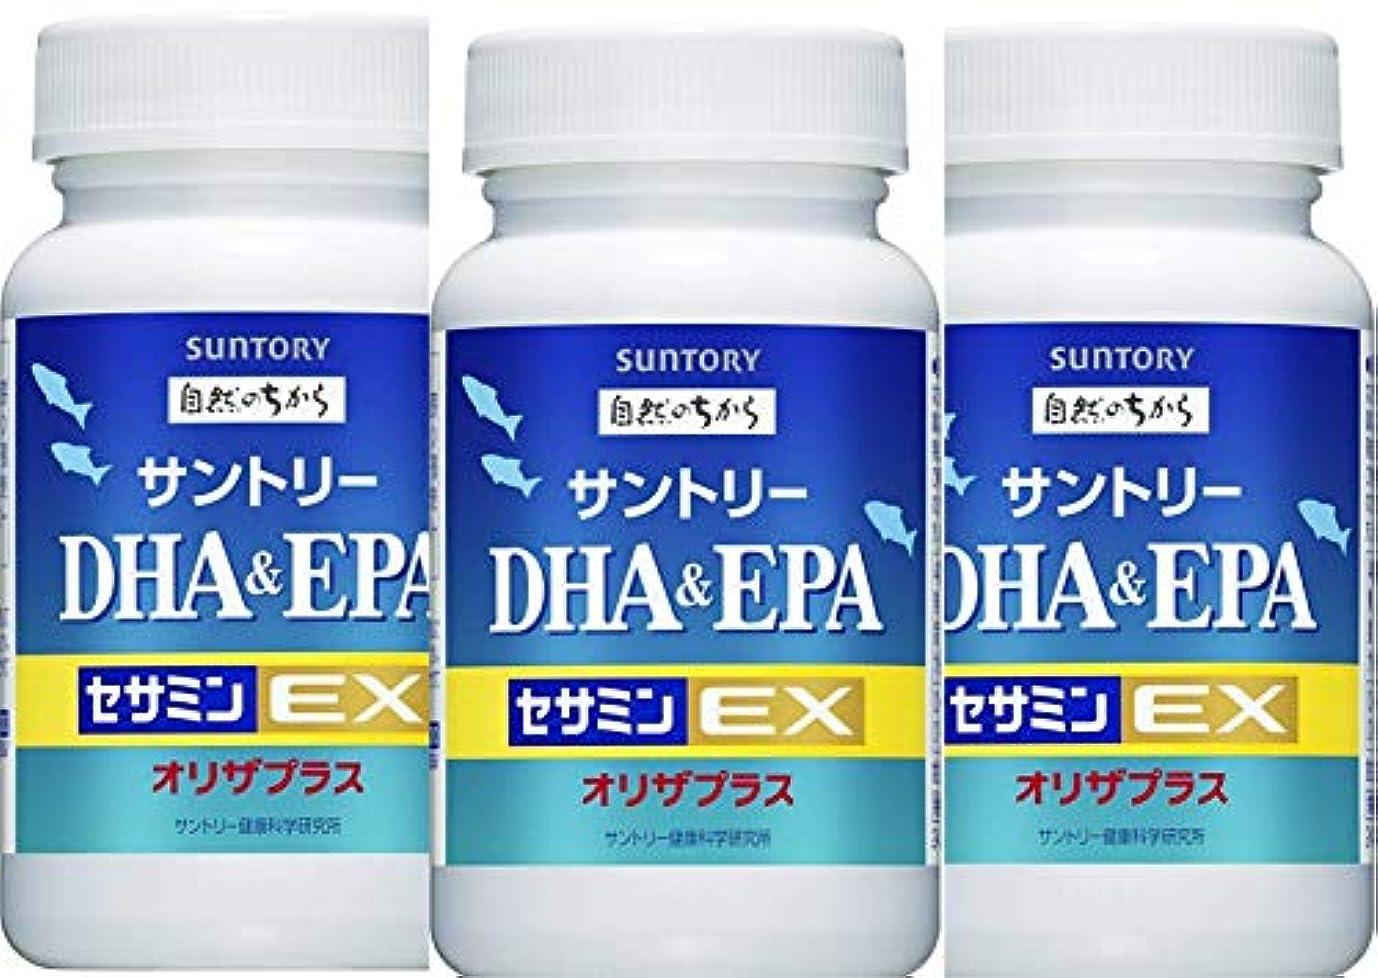 スポークスマン口述する前述のサントリー DHA&EPA+セサミンEX 120粒 3本セット